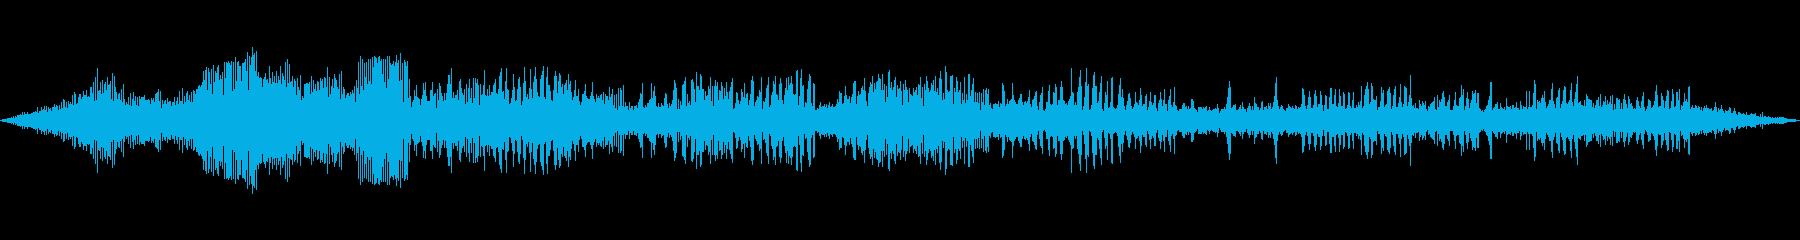 カジカガエル(カエルの鳴き声) 三徳川の再生済みの波形